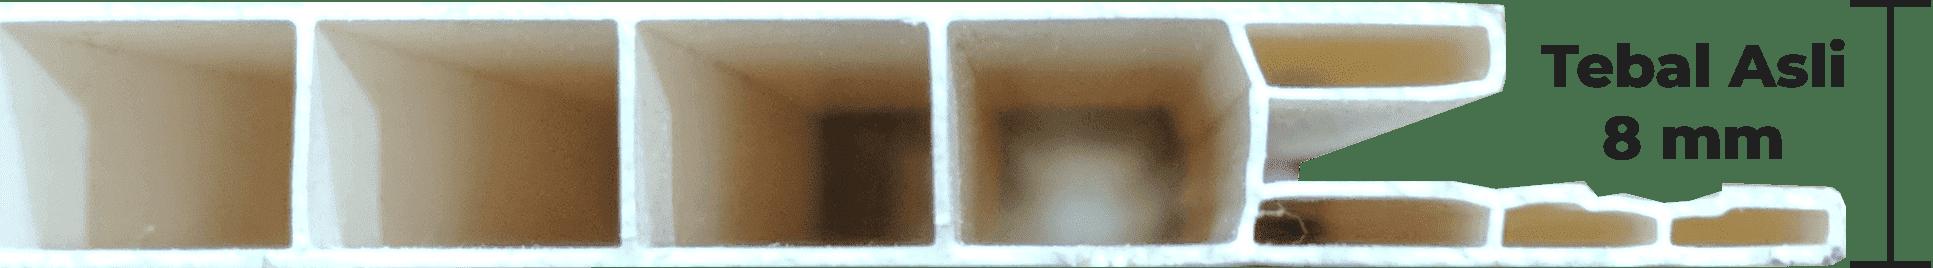 Plafon PVC Bringhome Lebih Baik Lebih Tebal Asli 8 mm